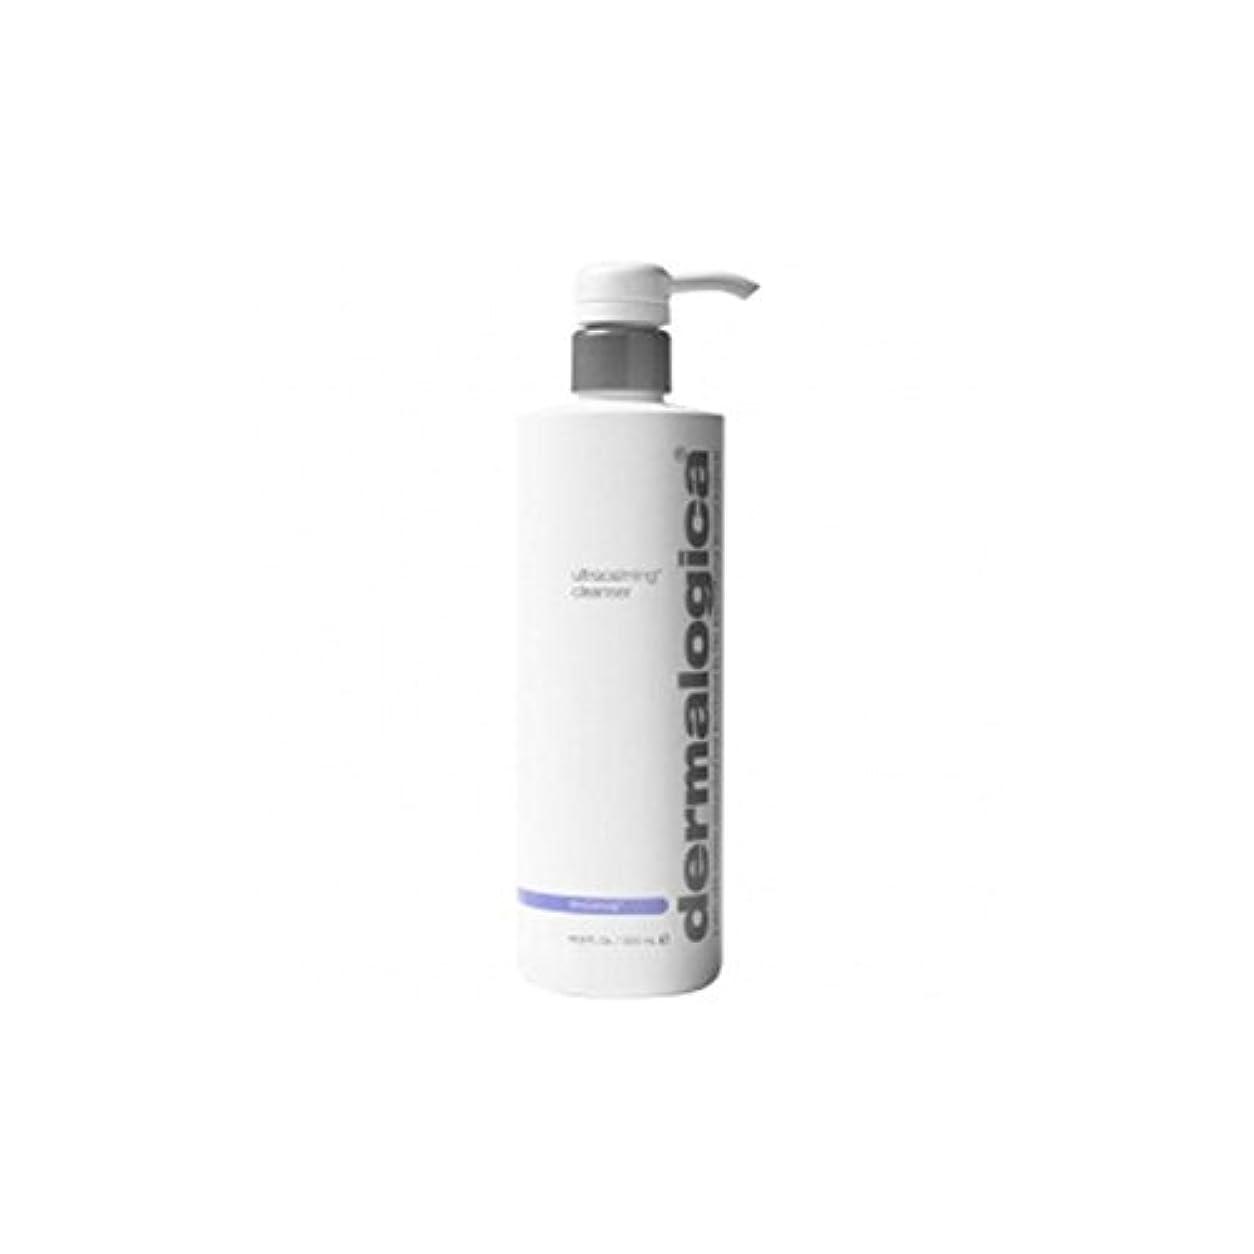 ヒゲクジラ紳士旅行Dermalogica Ultracalming Cleanser (500ml) - ダーマロジカクレンザー(500ミリリットル) [並行輸入品]